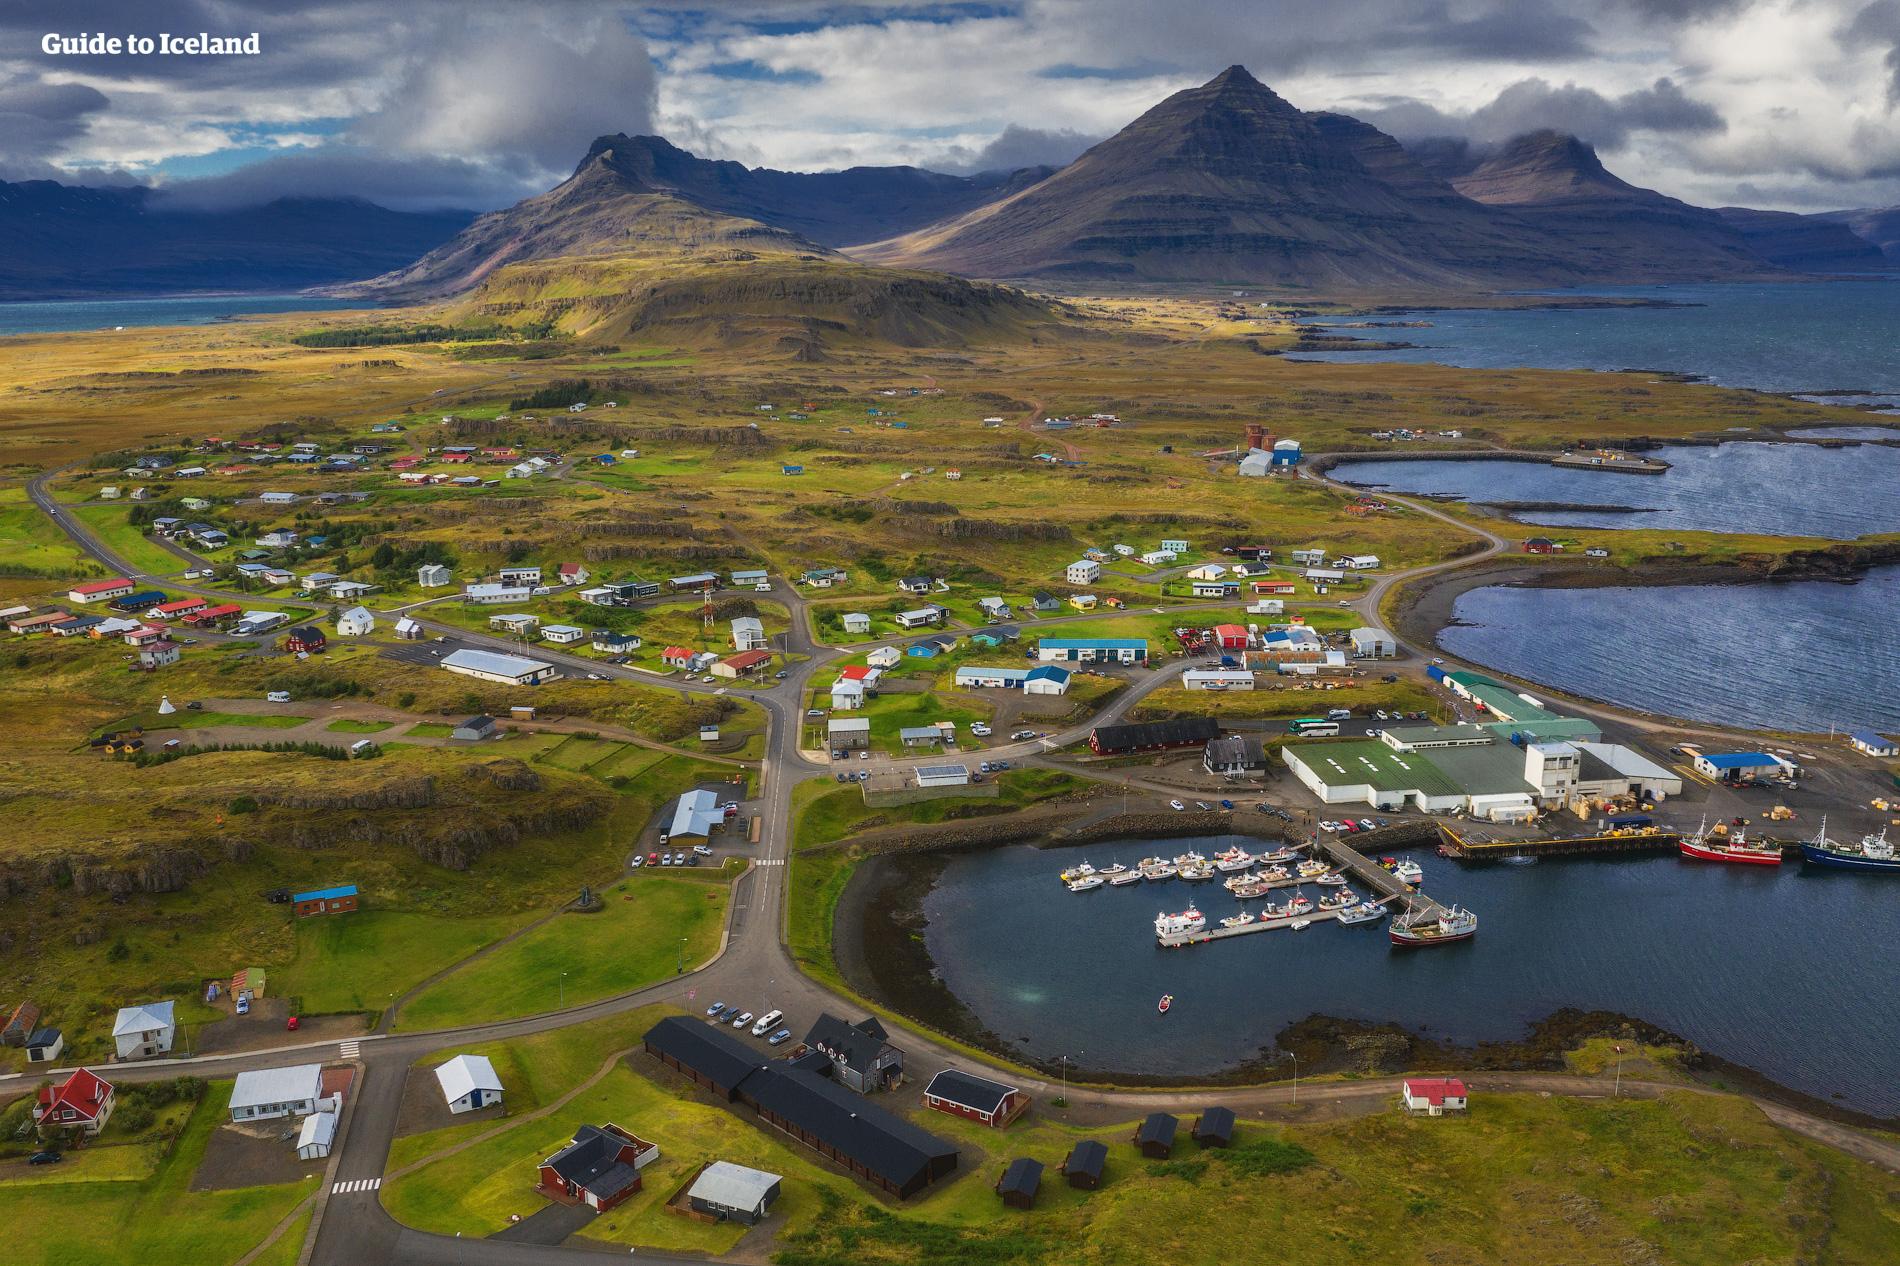 ในทางไอซ์แลนด์ตะวันออก คุณจะได้สำรวจความมหัศจรรย์ทางธรรมชาติและทัศนียภาพที่งดงามในทุกที่ที่คุณไป.